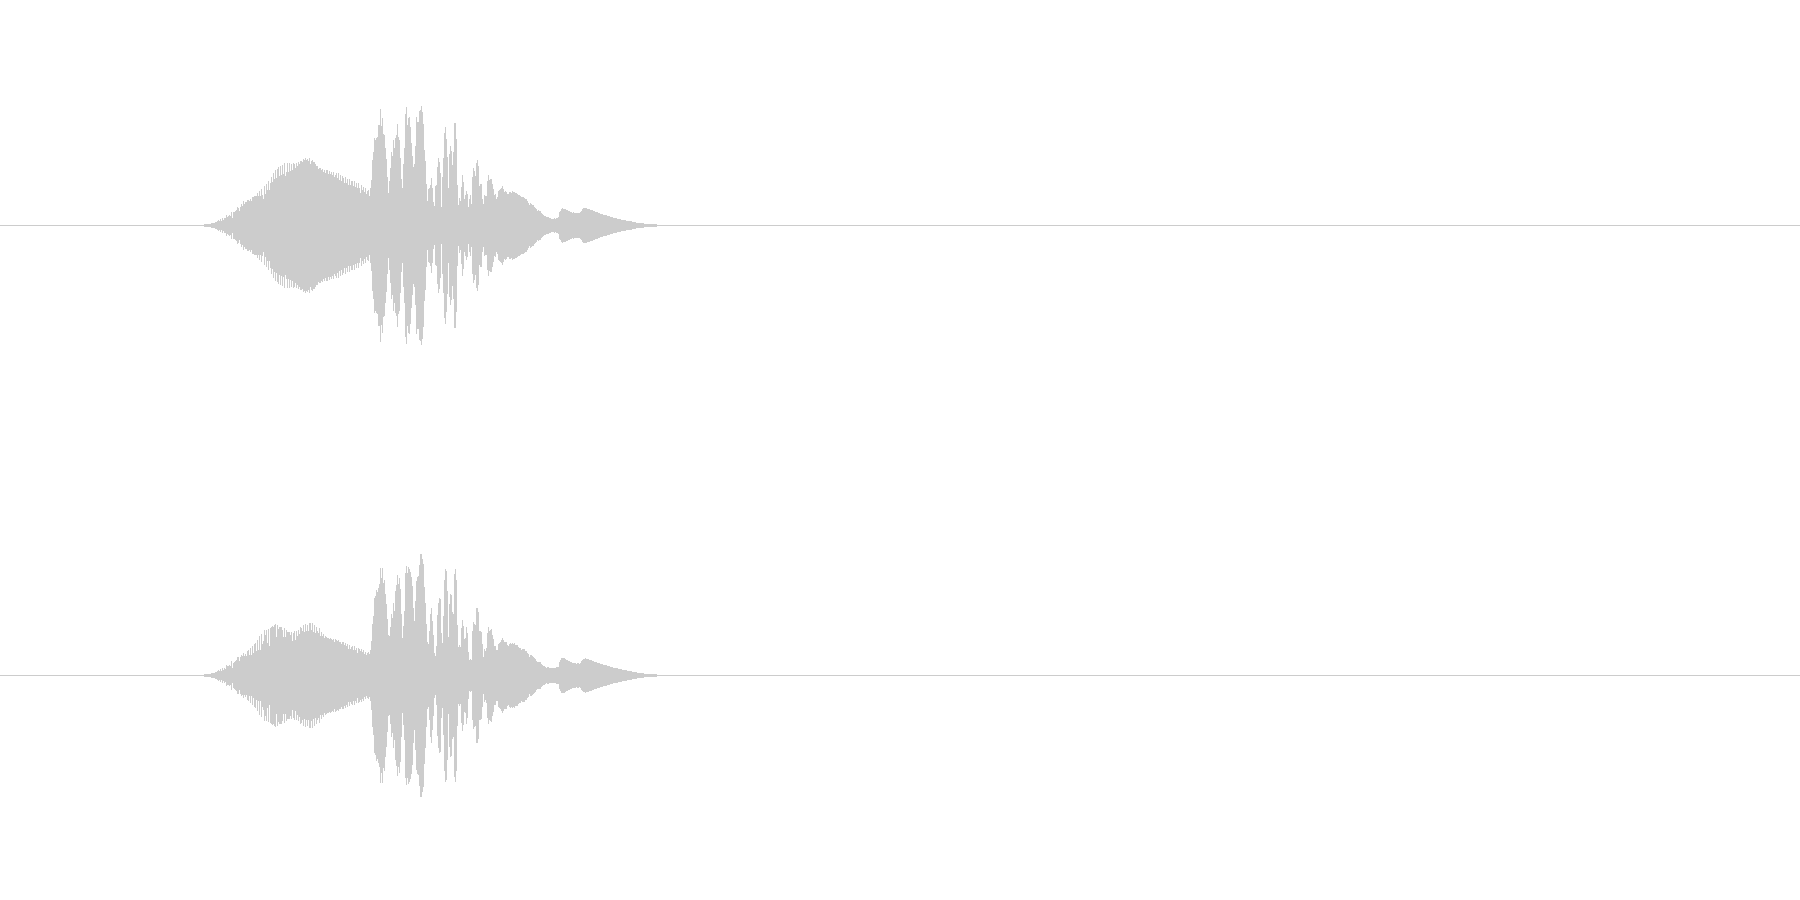 振り向き_m0227の未再生の波形